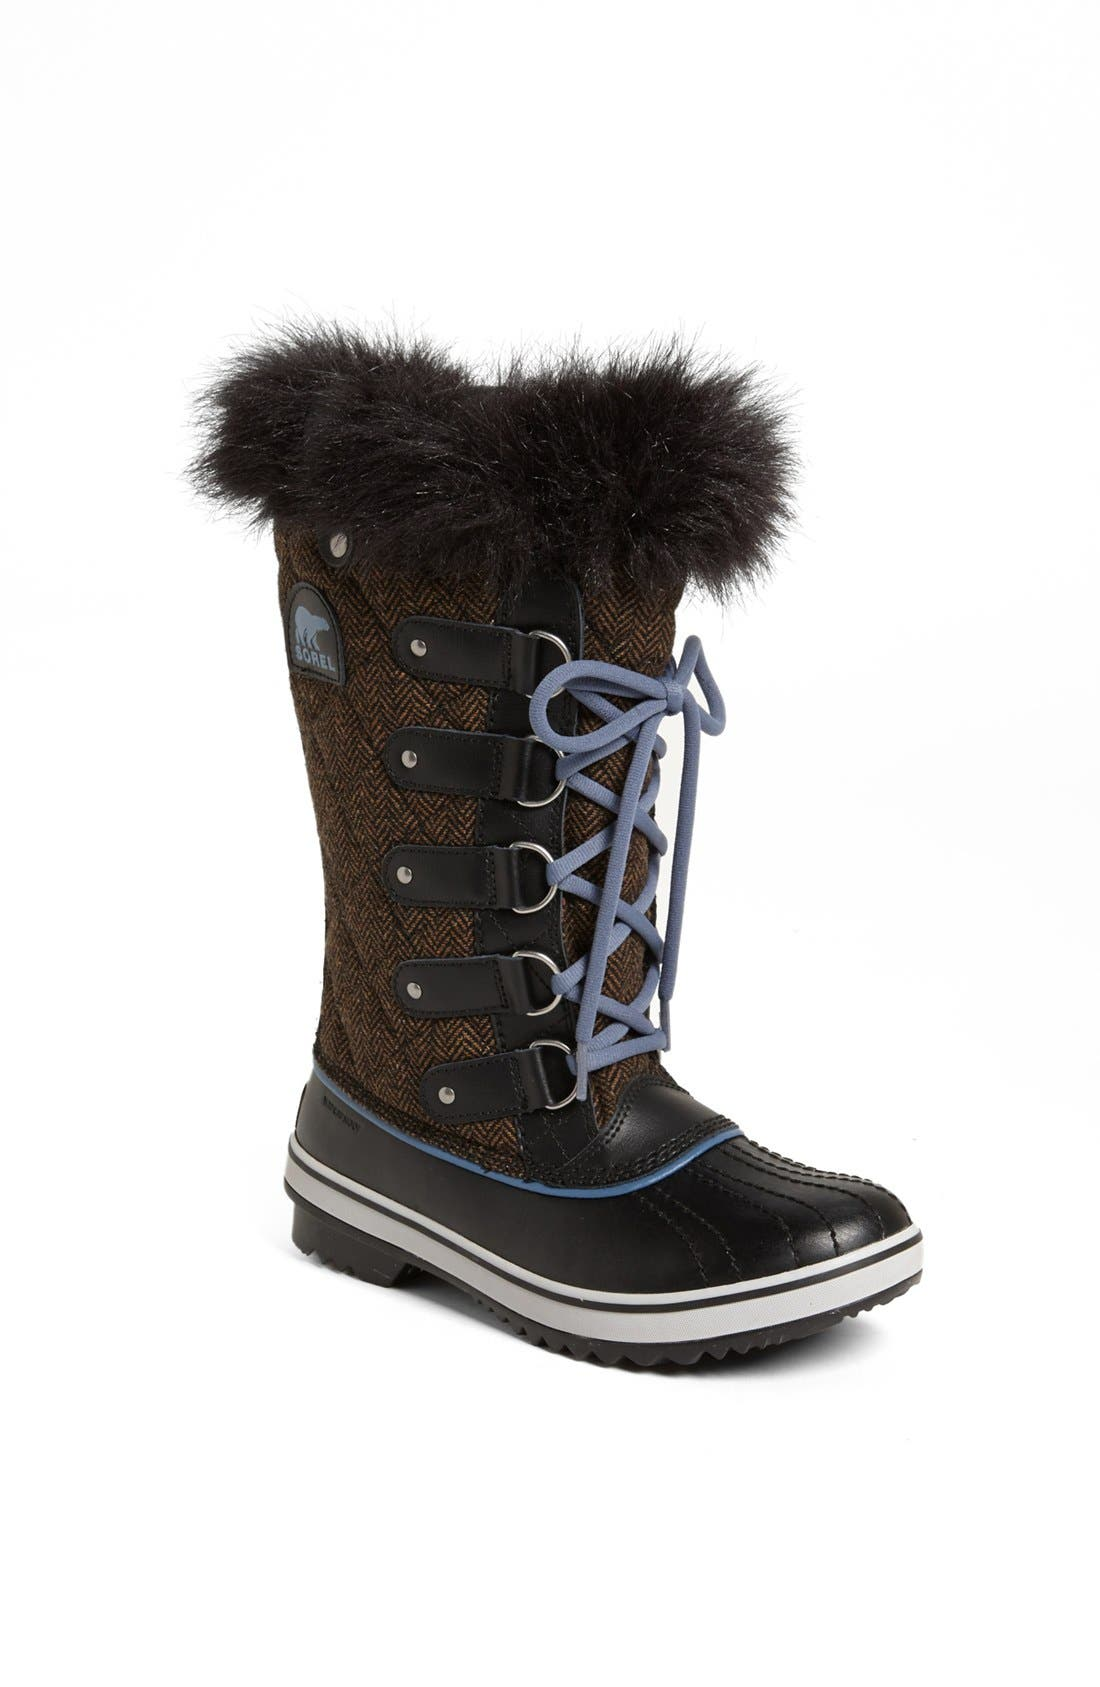 Alternate Image 1 Selected - SOREL 'Tofino' Waterproof Boot